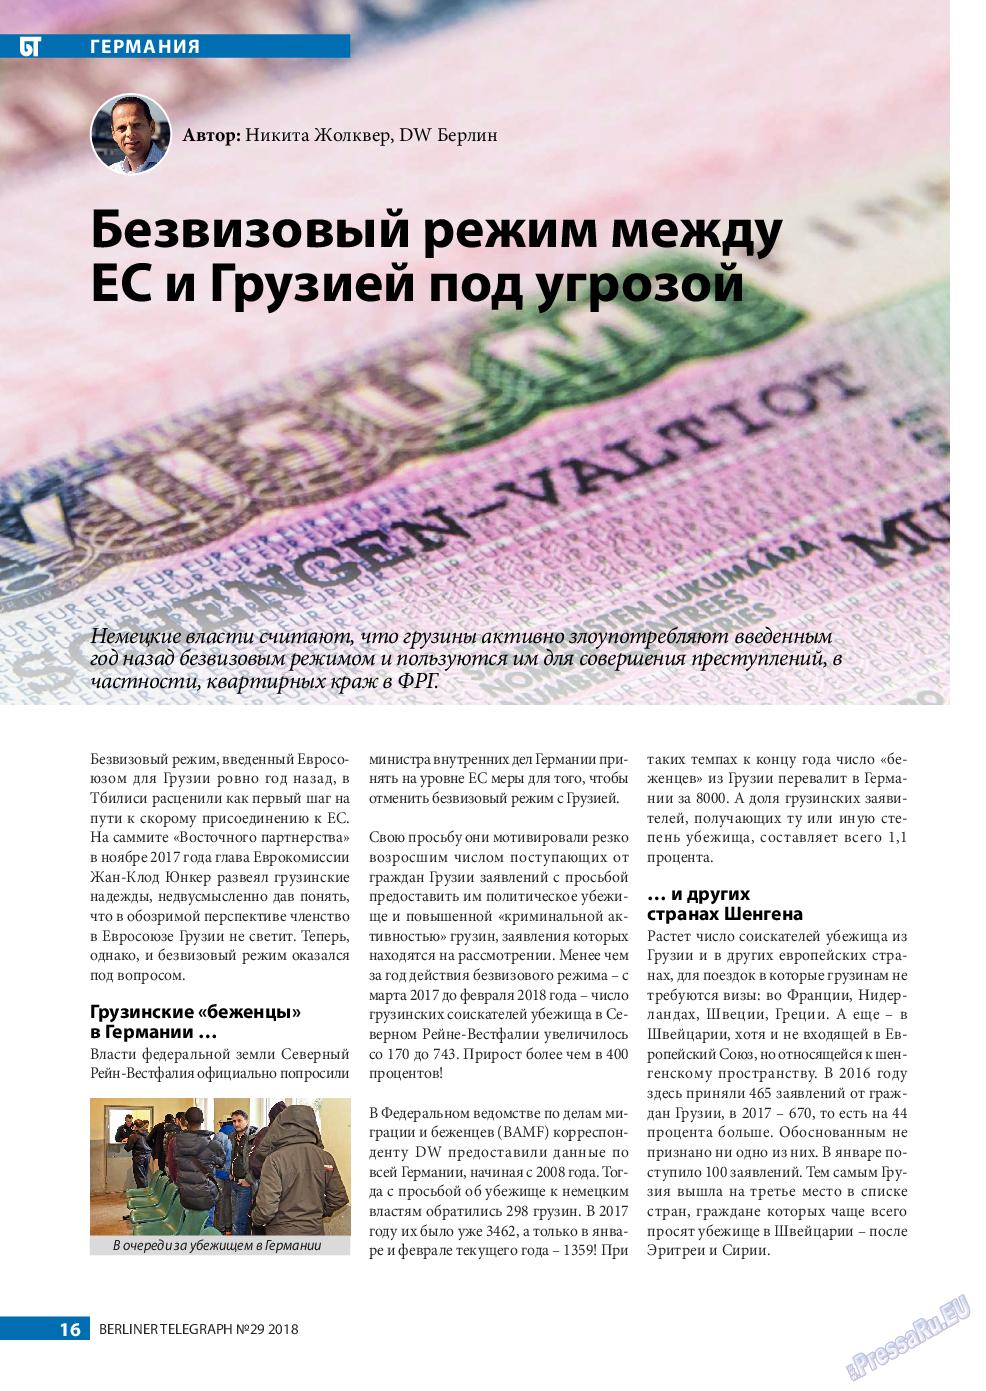 Берлинский телеграф (журнал). 2018 год, номер 29, стр. 16